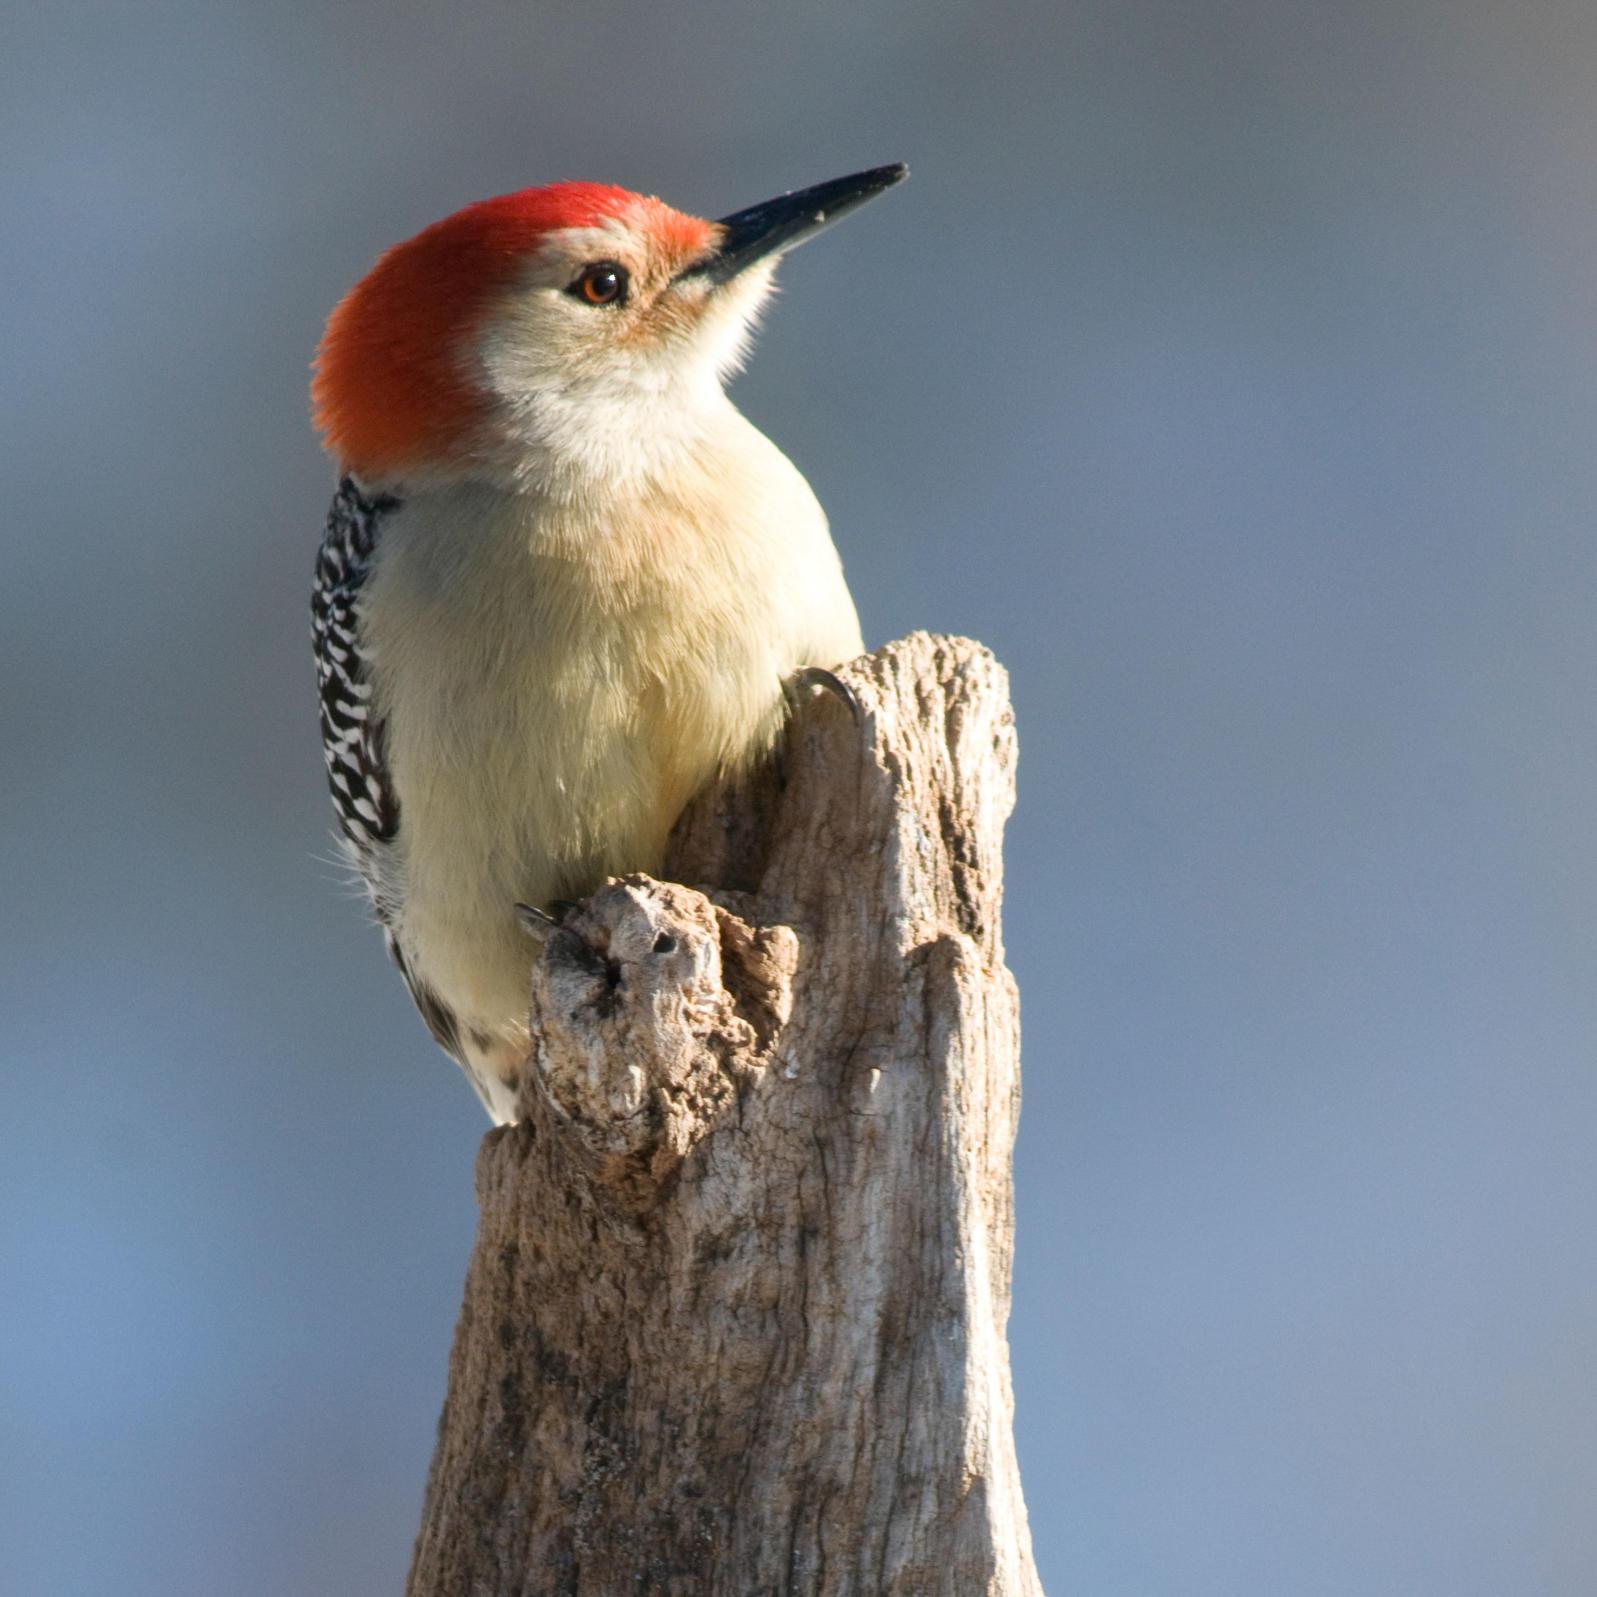 Red-bellied Woodpecker. Michele Black/Great Backyard Bird Count